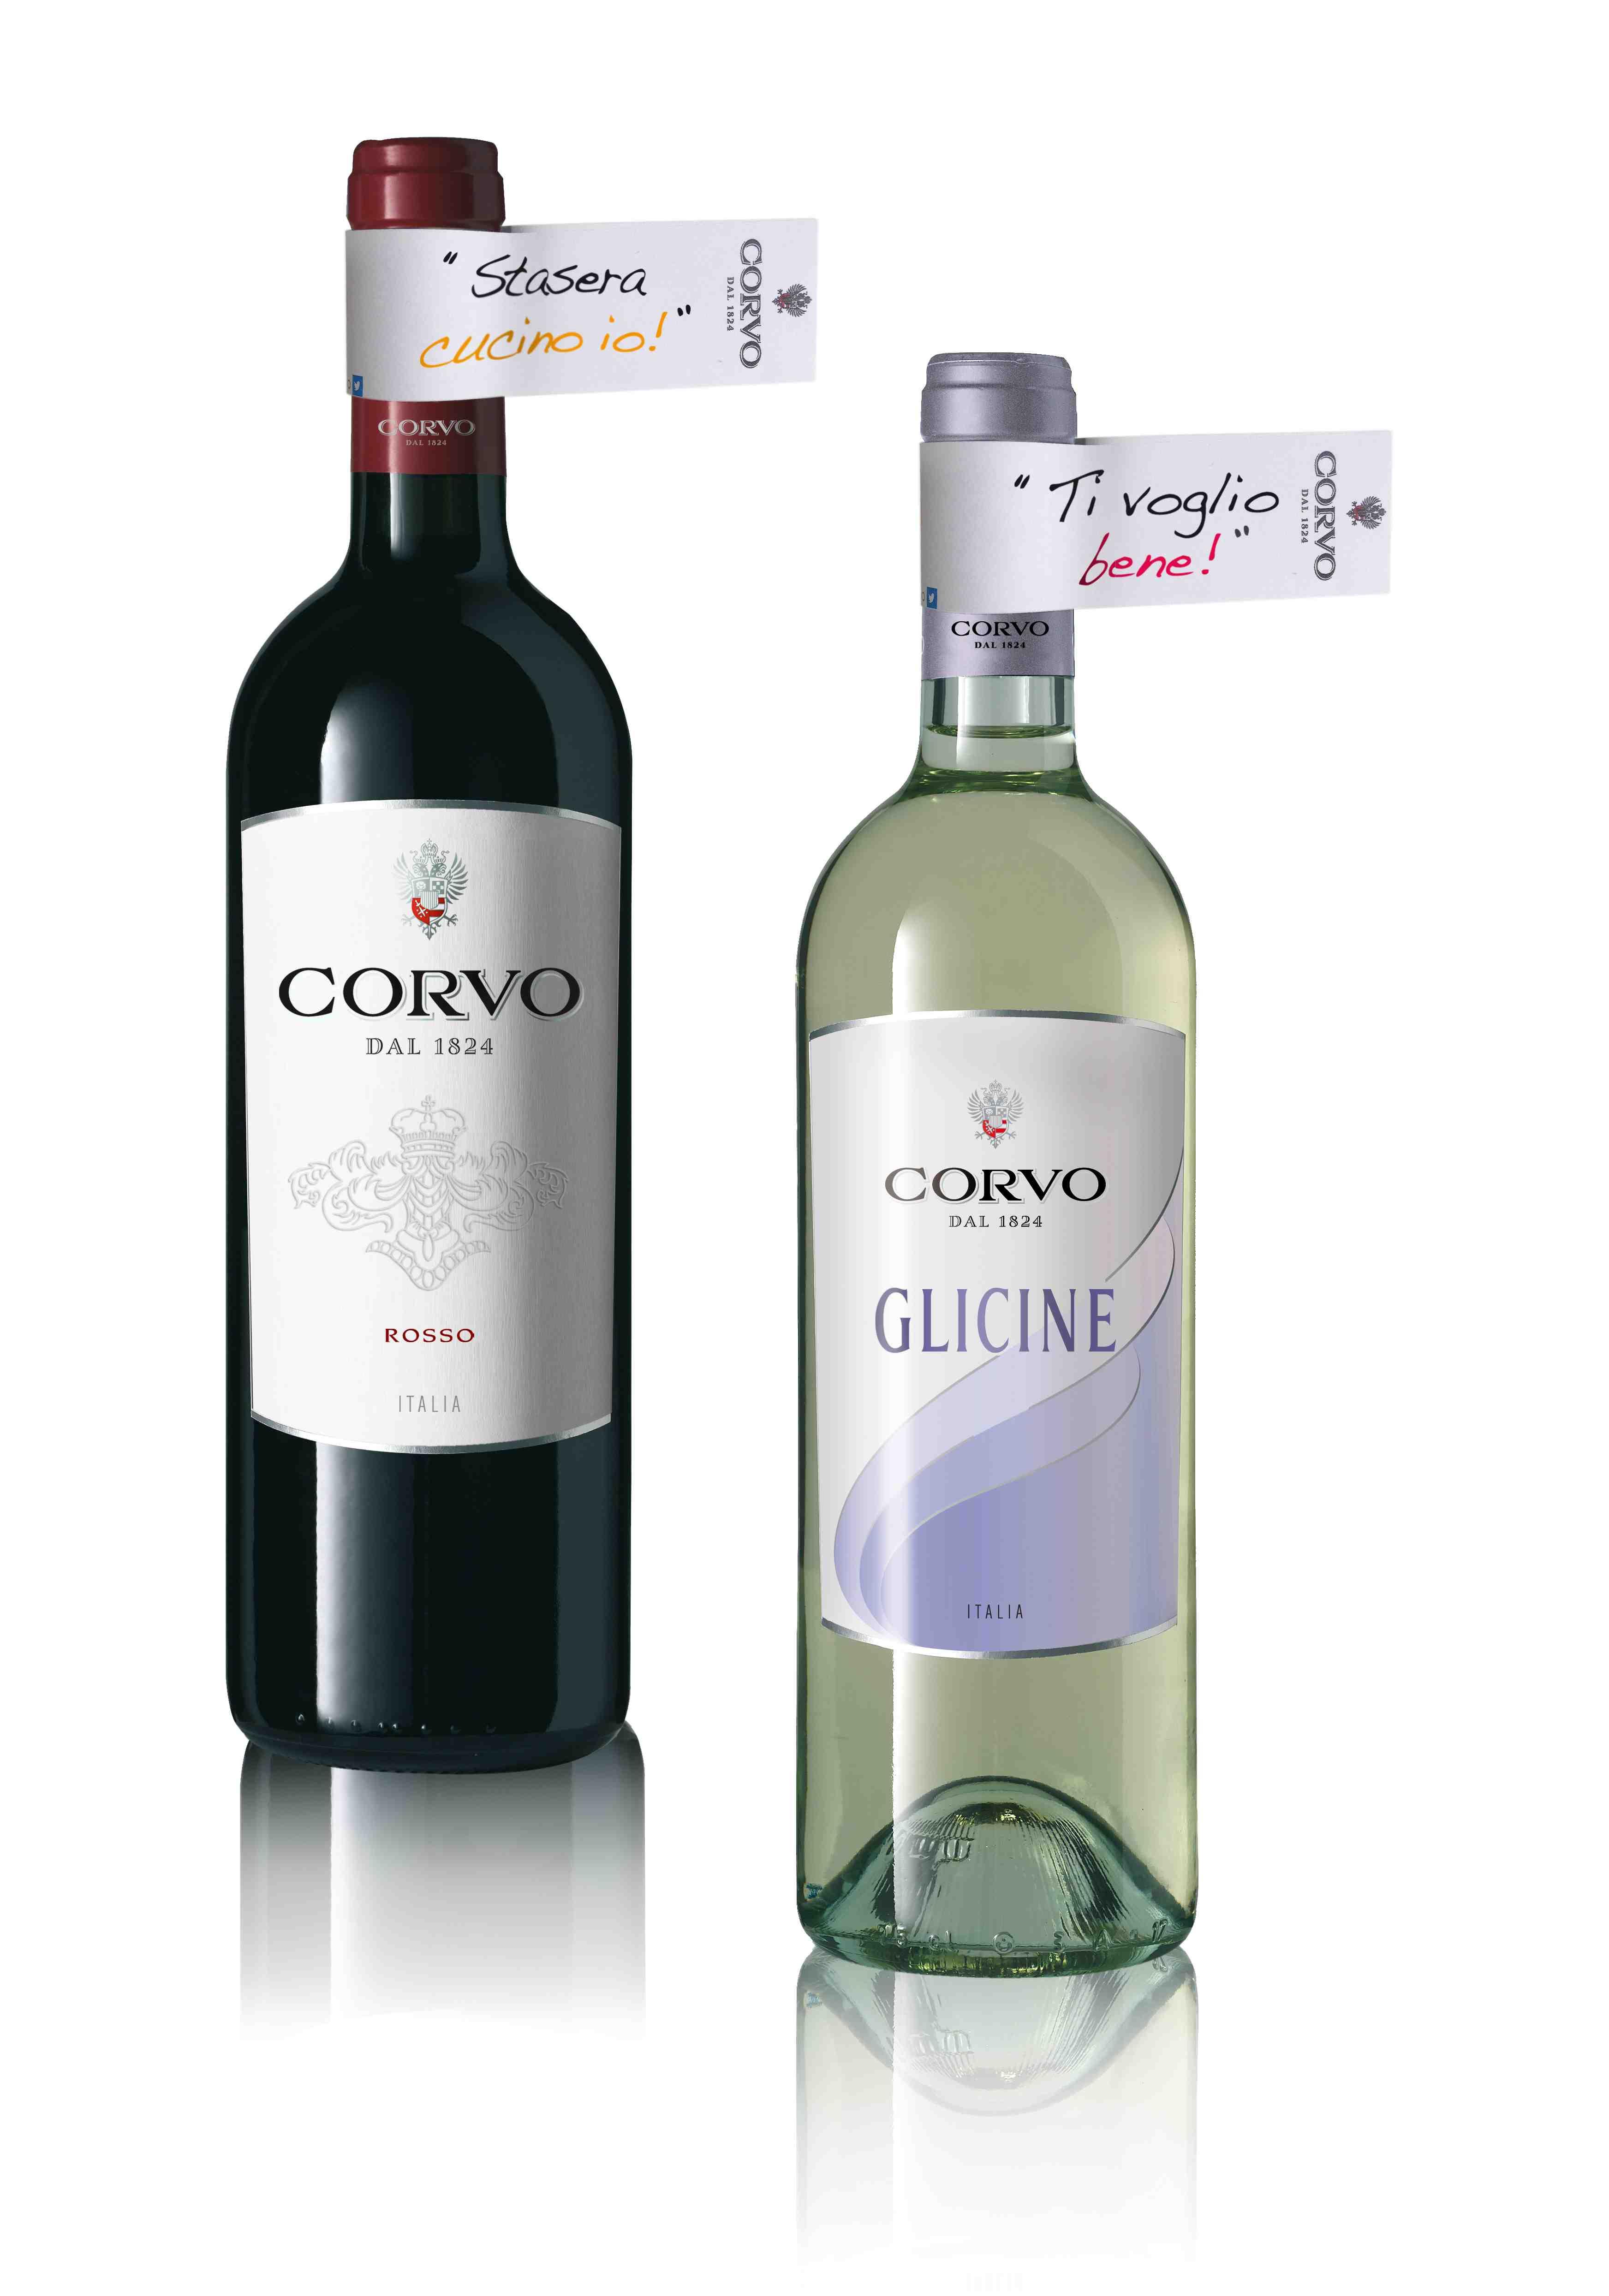 Corvo Personalizza La Bottiglia E Duca Enrico In Limited Edition